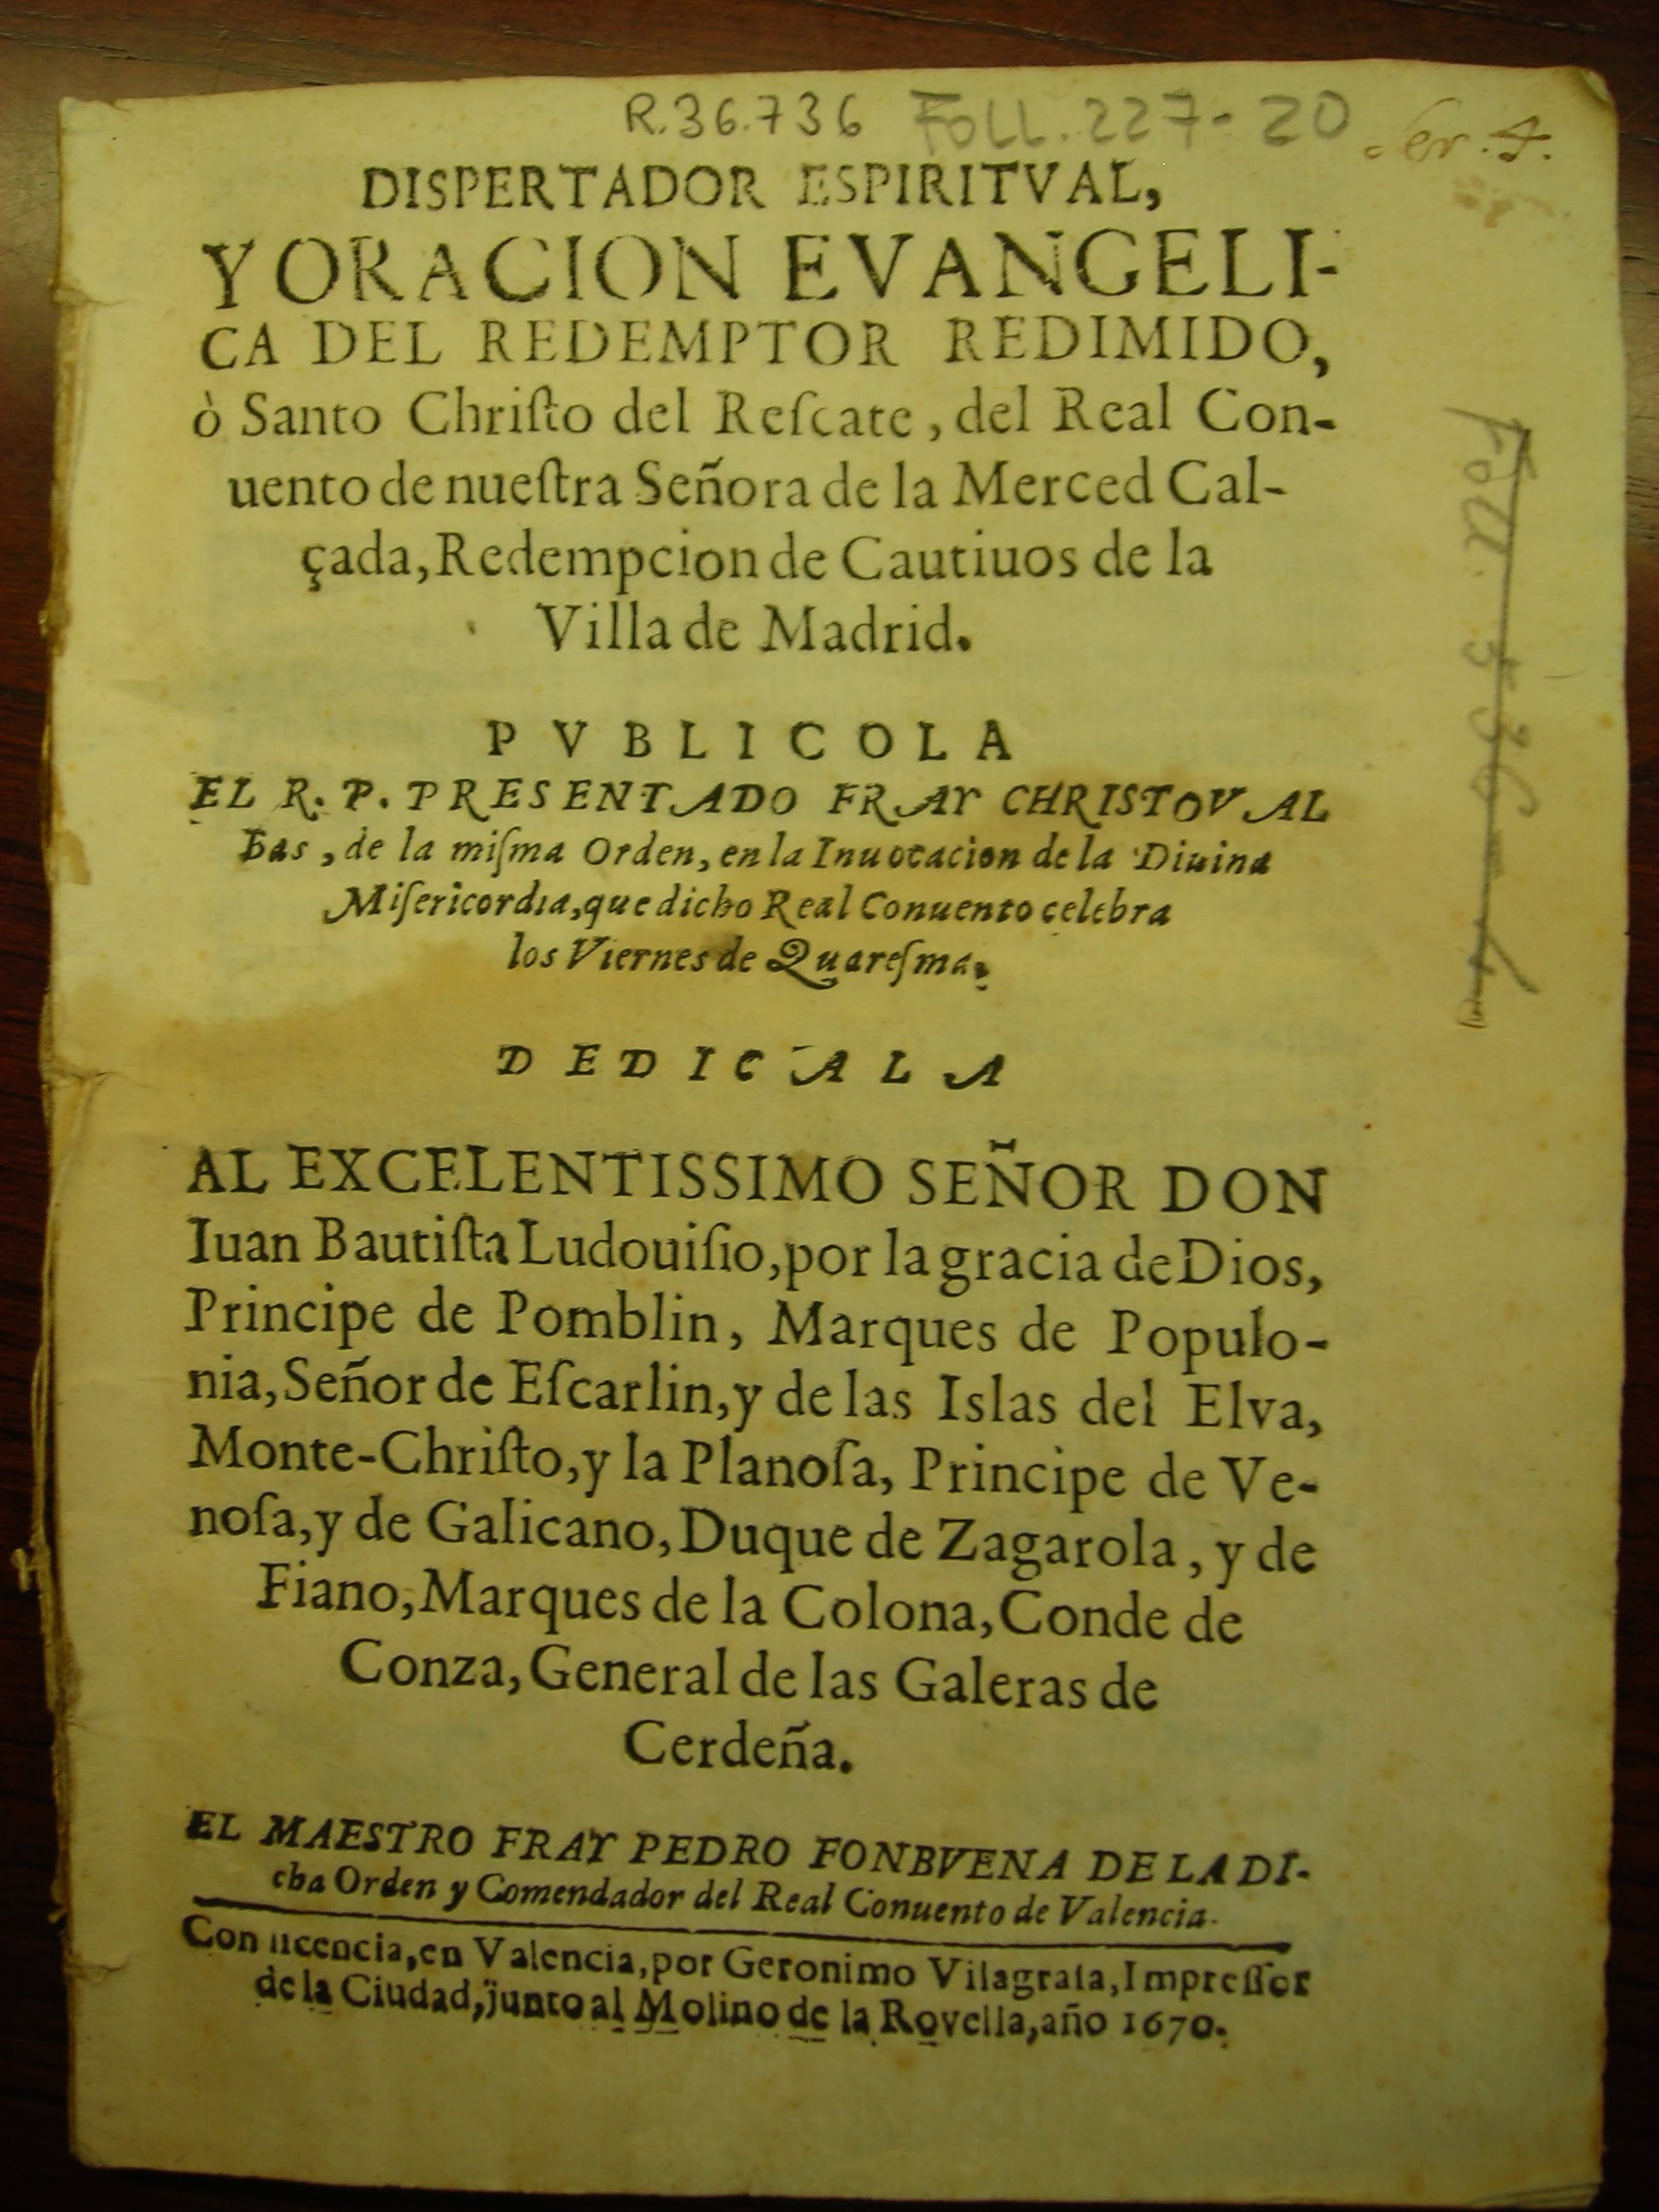 Escrito en el que aparece el nombre de Fray Cristóbal Bas